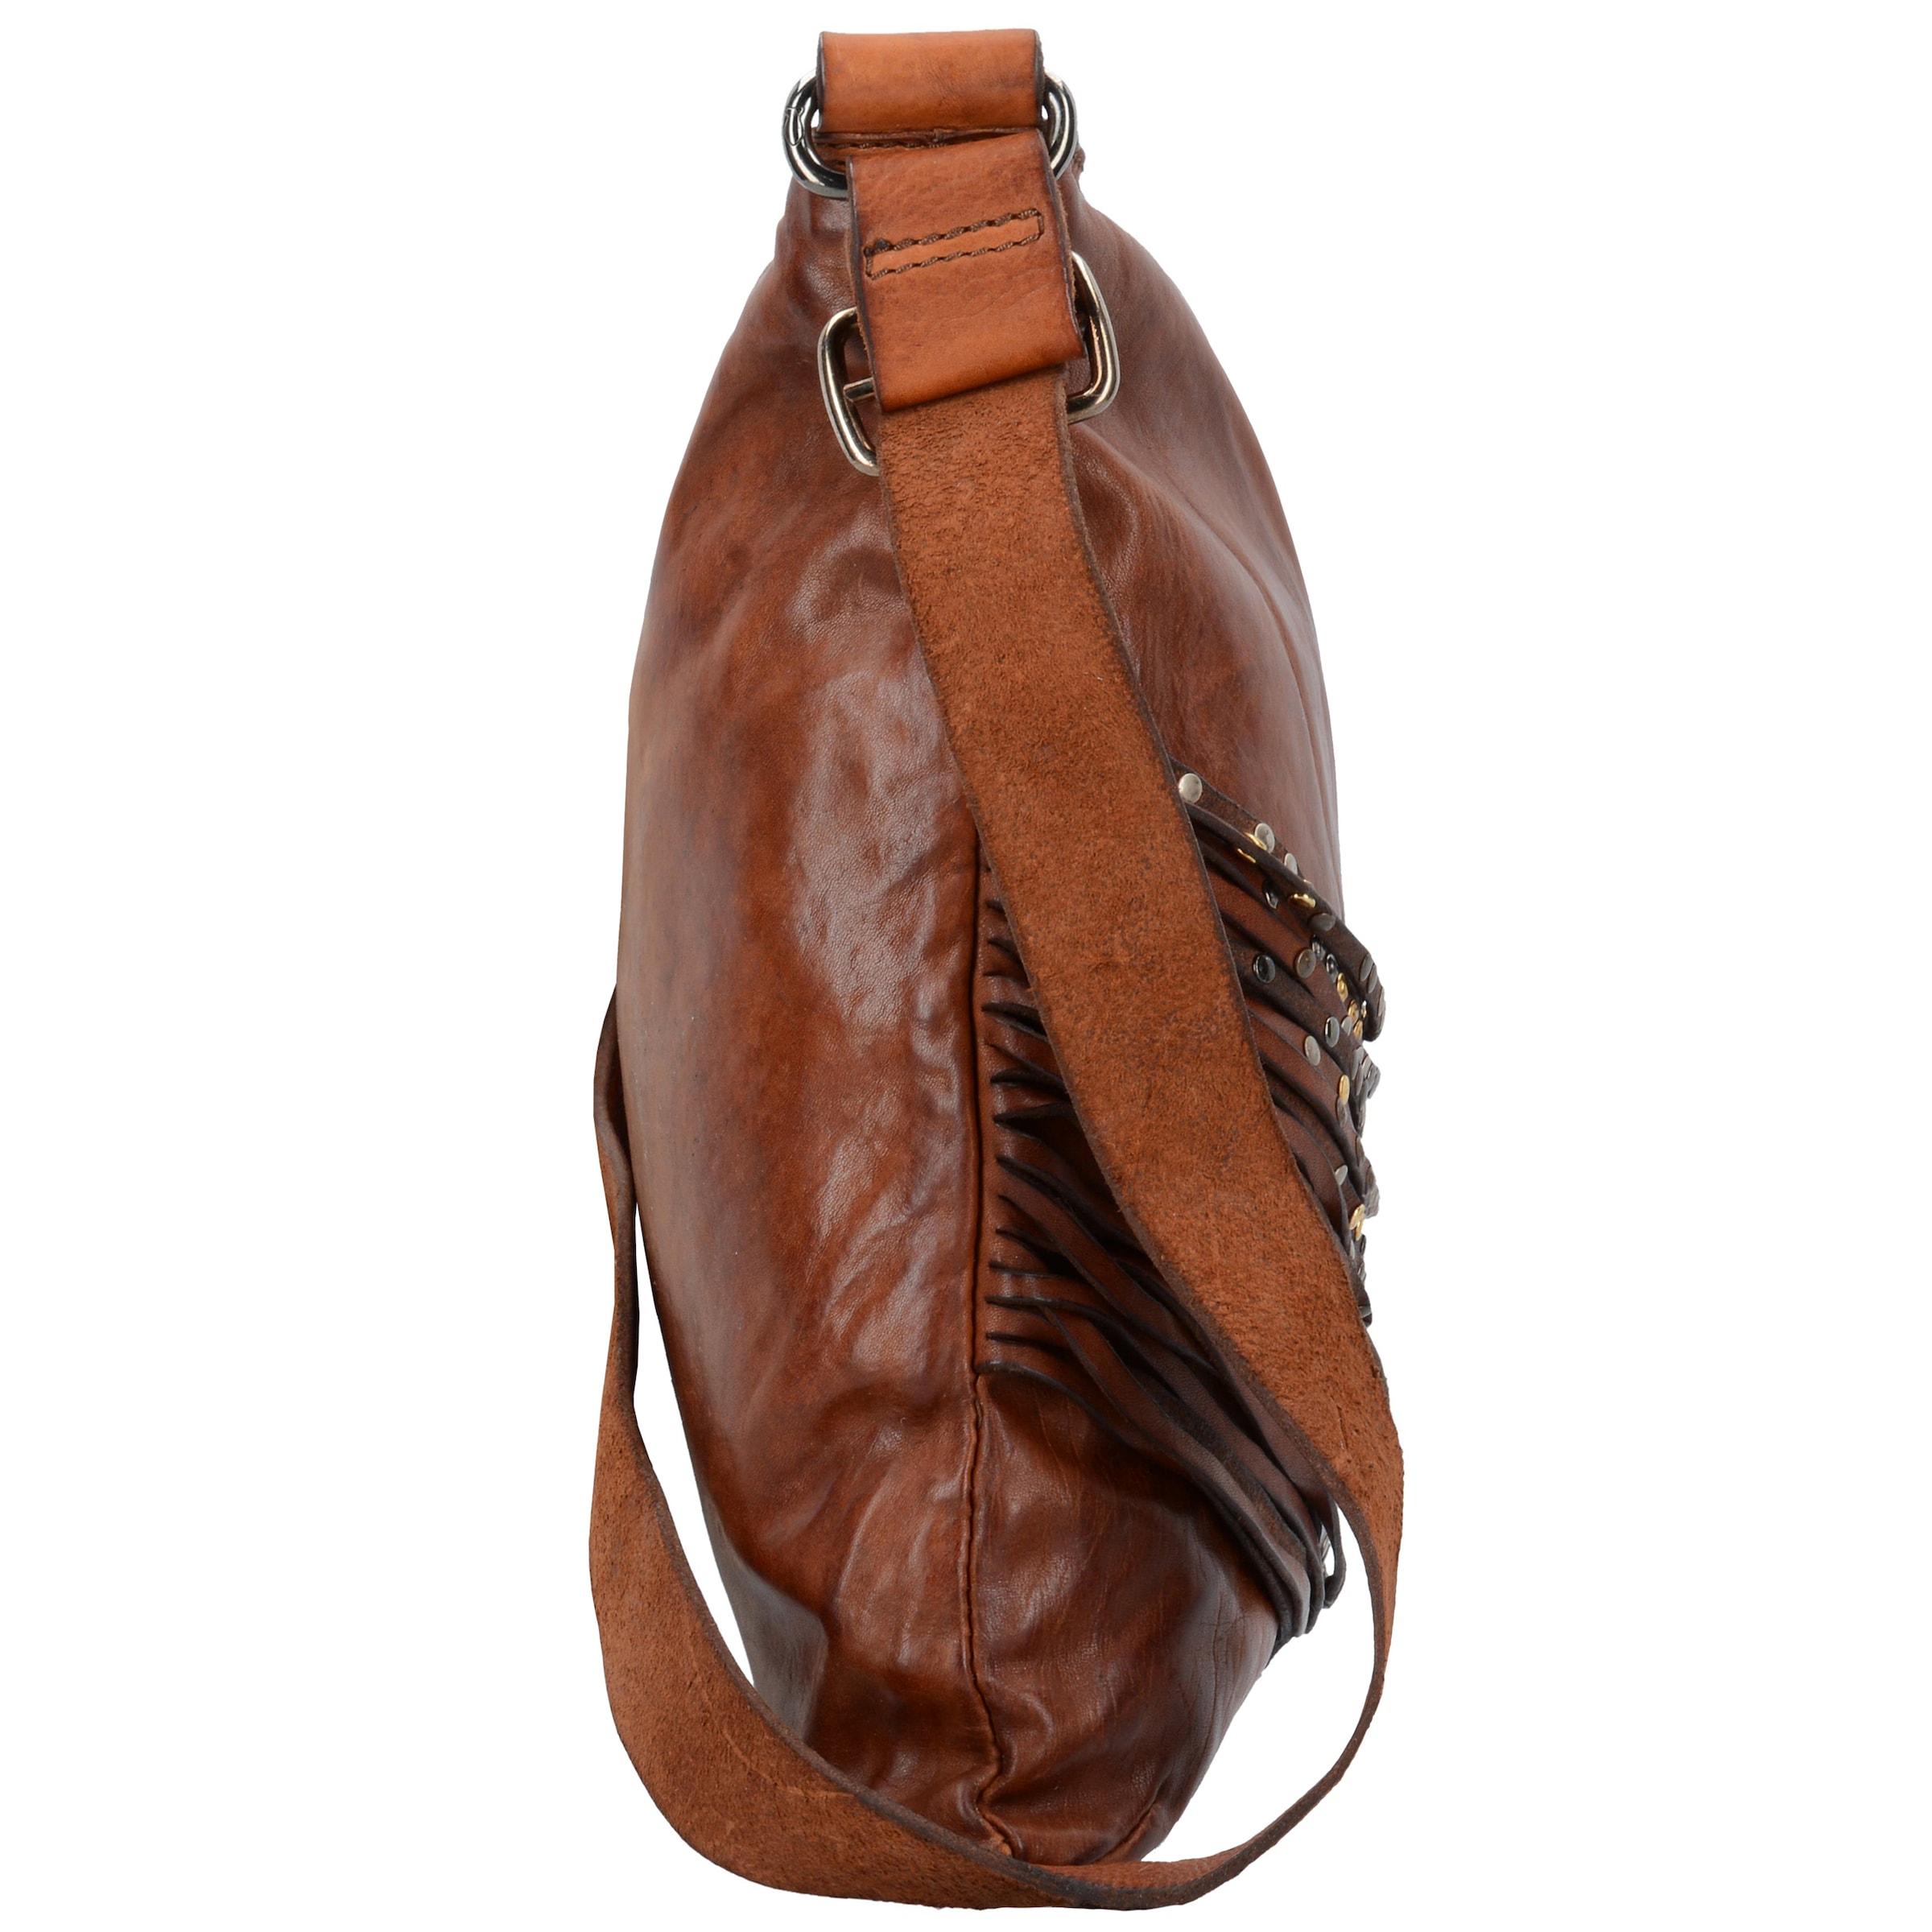 Echt Verkauf Online Auslass Besuch Neu Campomaggi 'Bucaneve' Schultertasche Leder 38 cm OKABsClR4